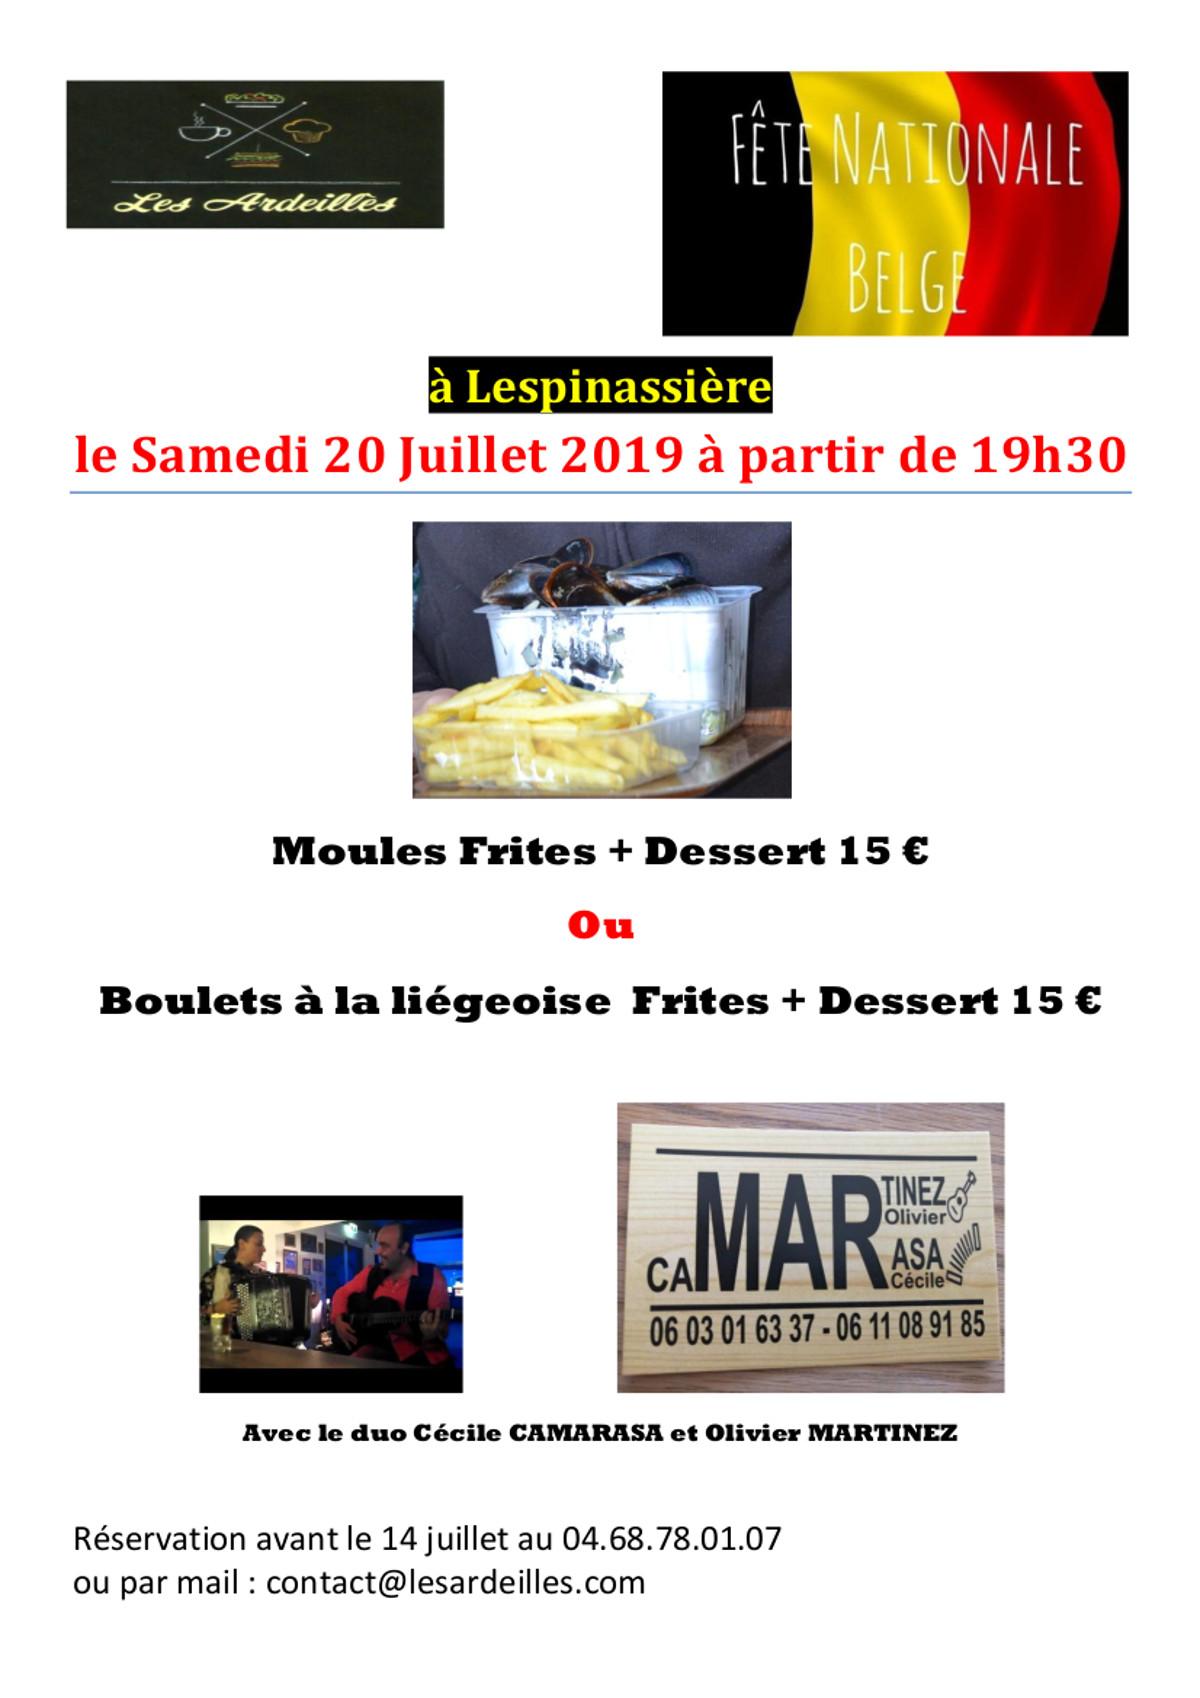 Fete des belges le 20 juillet 2019